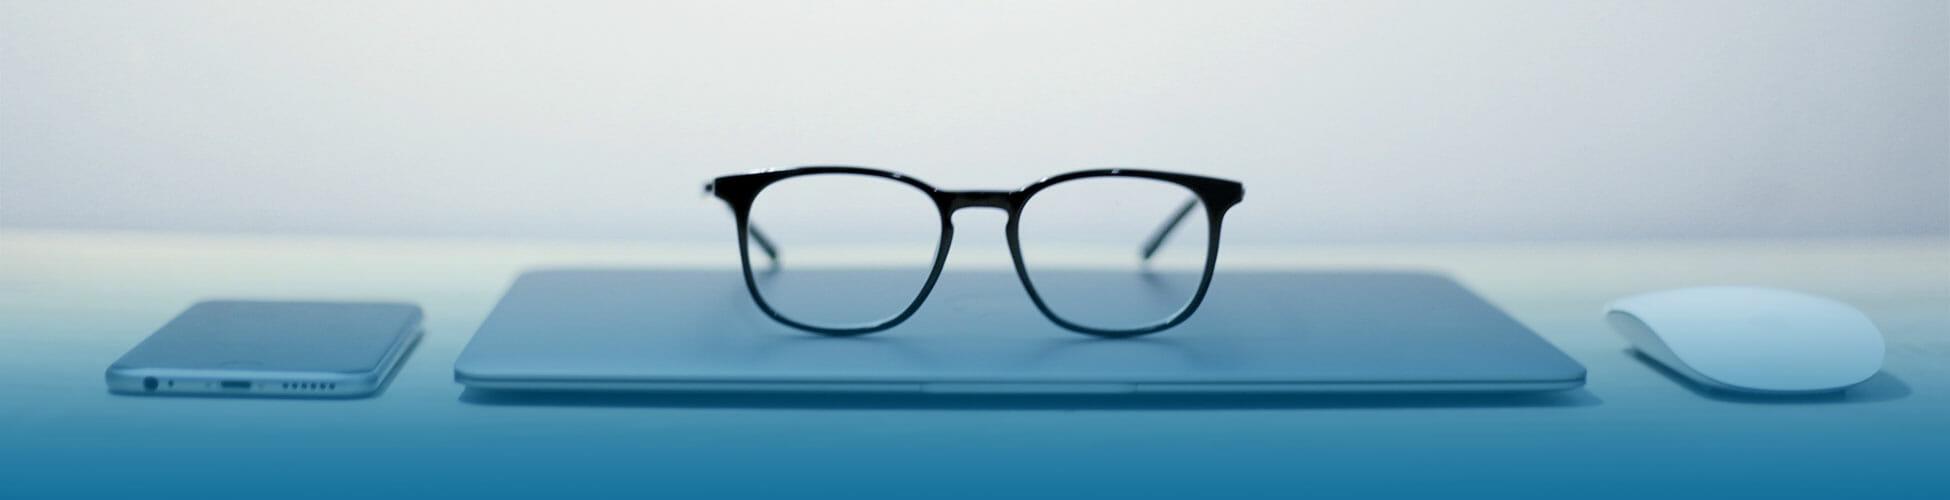 computerbrillen met blueblockfilter